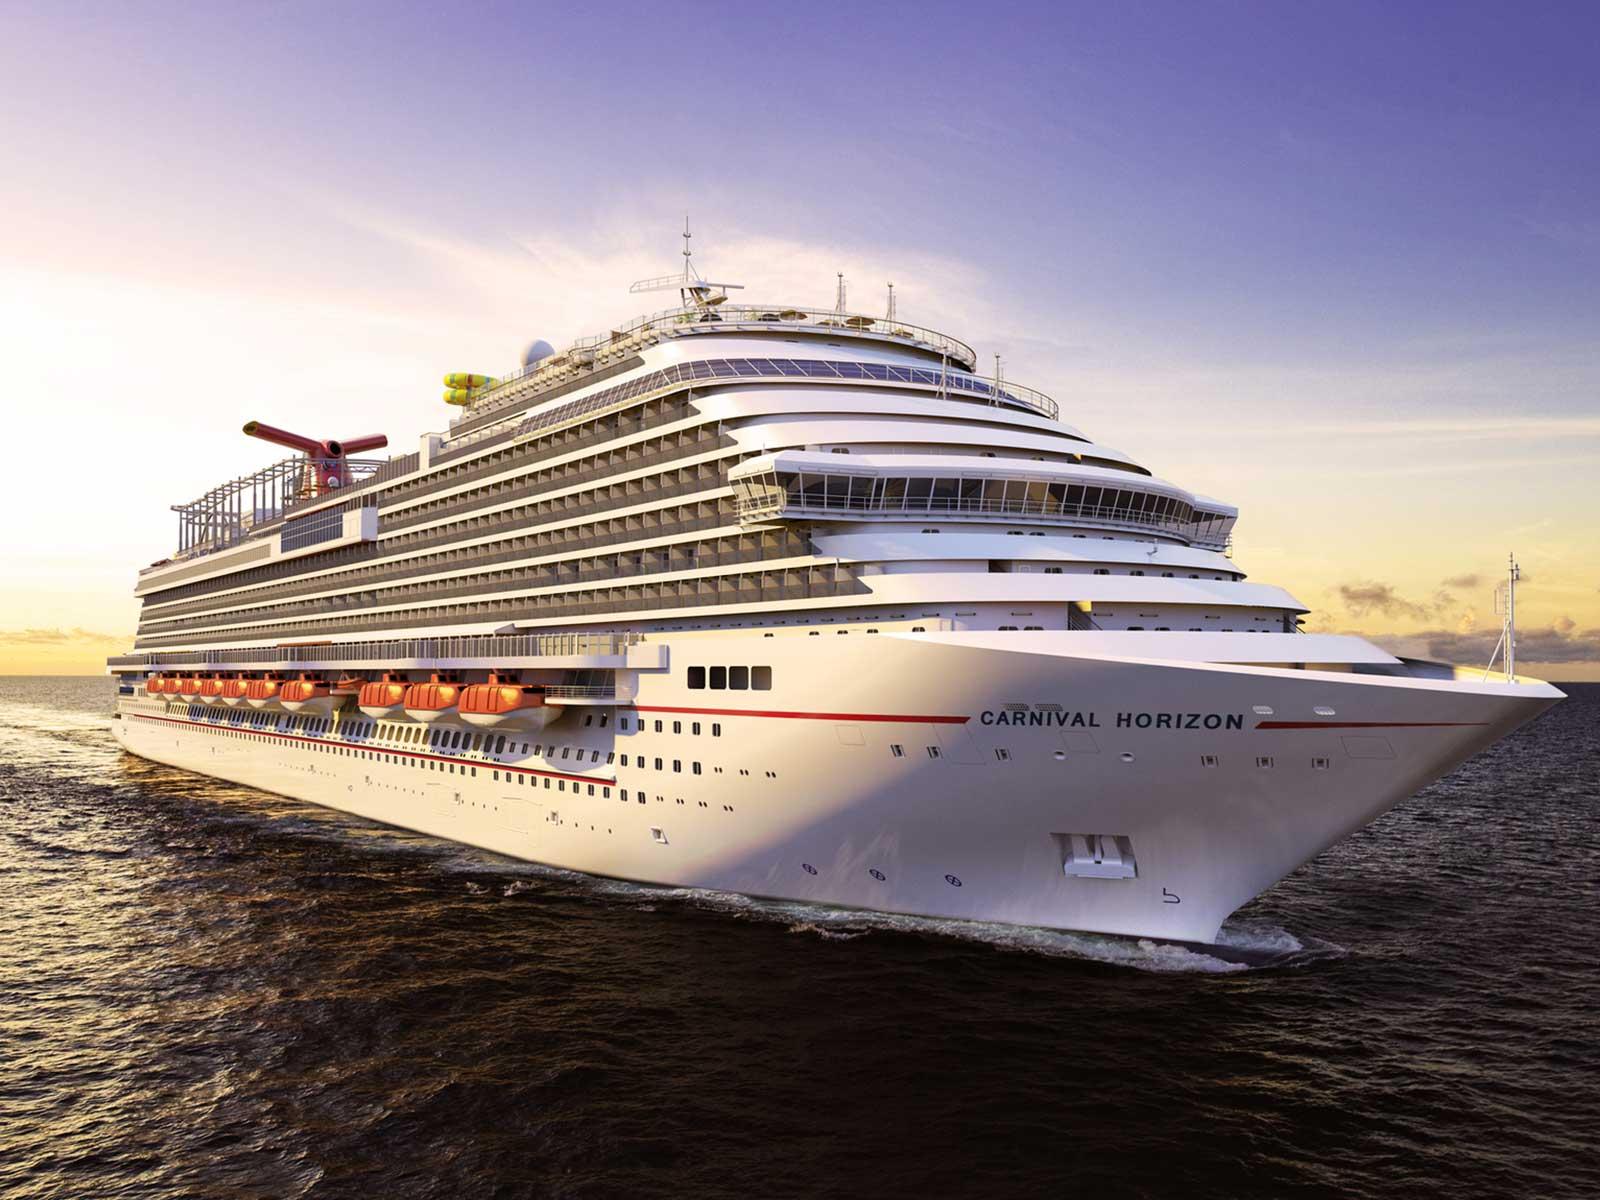 le Carnival Horizonc'est le bateau d'une alliance originale et pas banale entre la compagnie Carnival et un auteur polonais de conte pour enfants. La raison pour laquelle le Getaway est un bateau tout aussi atypique et unique fait qu'il est tout à fait compréhensible de la voir surgir dans cette composition des meilleurs bateaux sortis entre 2010 et début 2020.